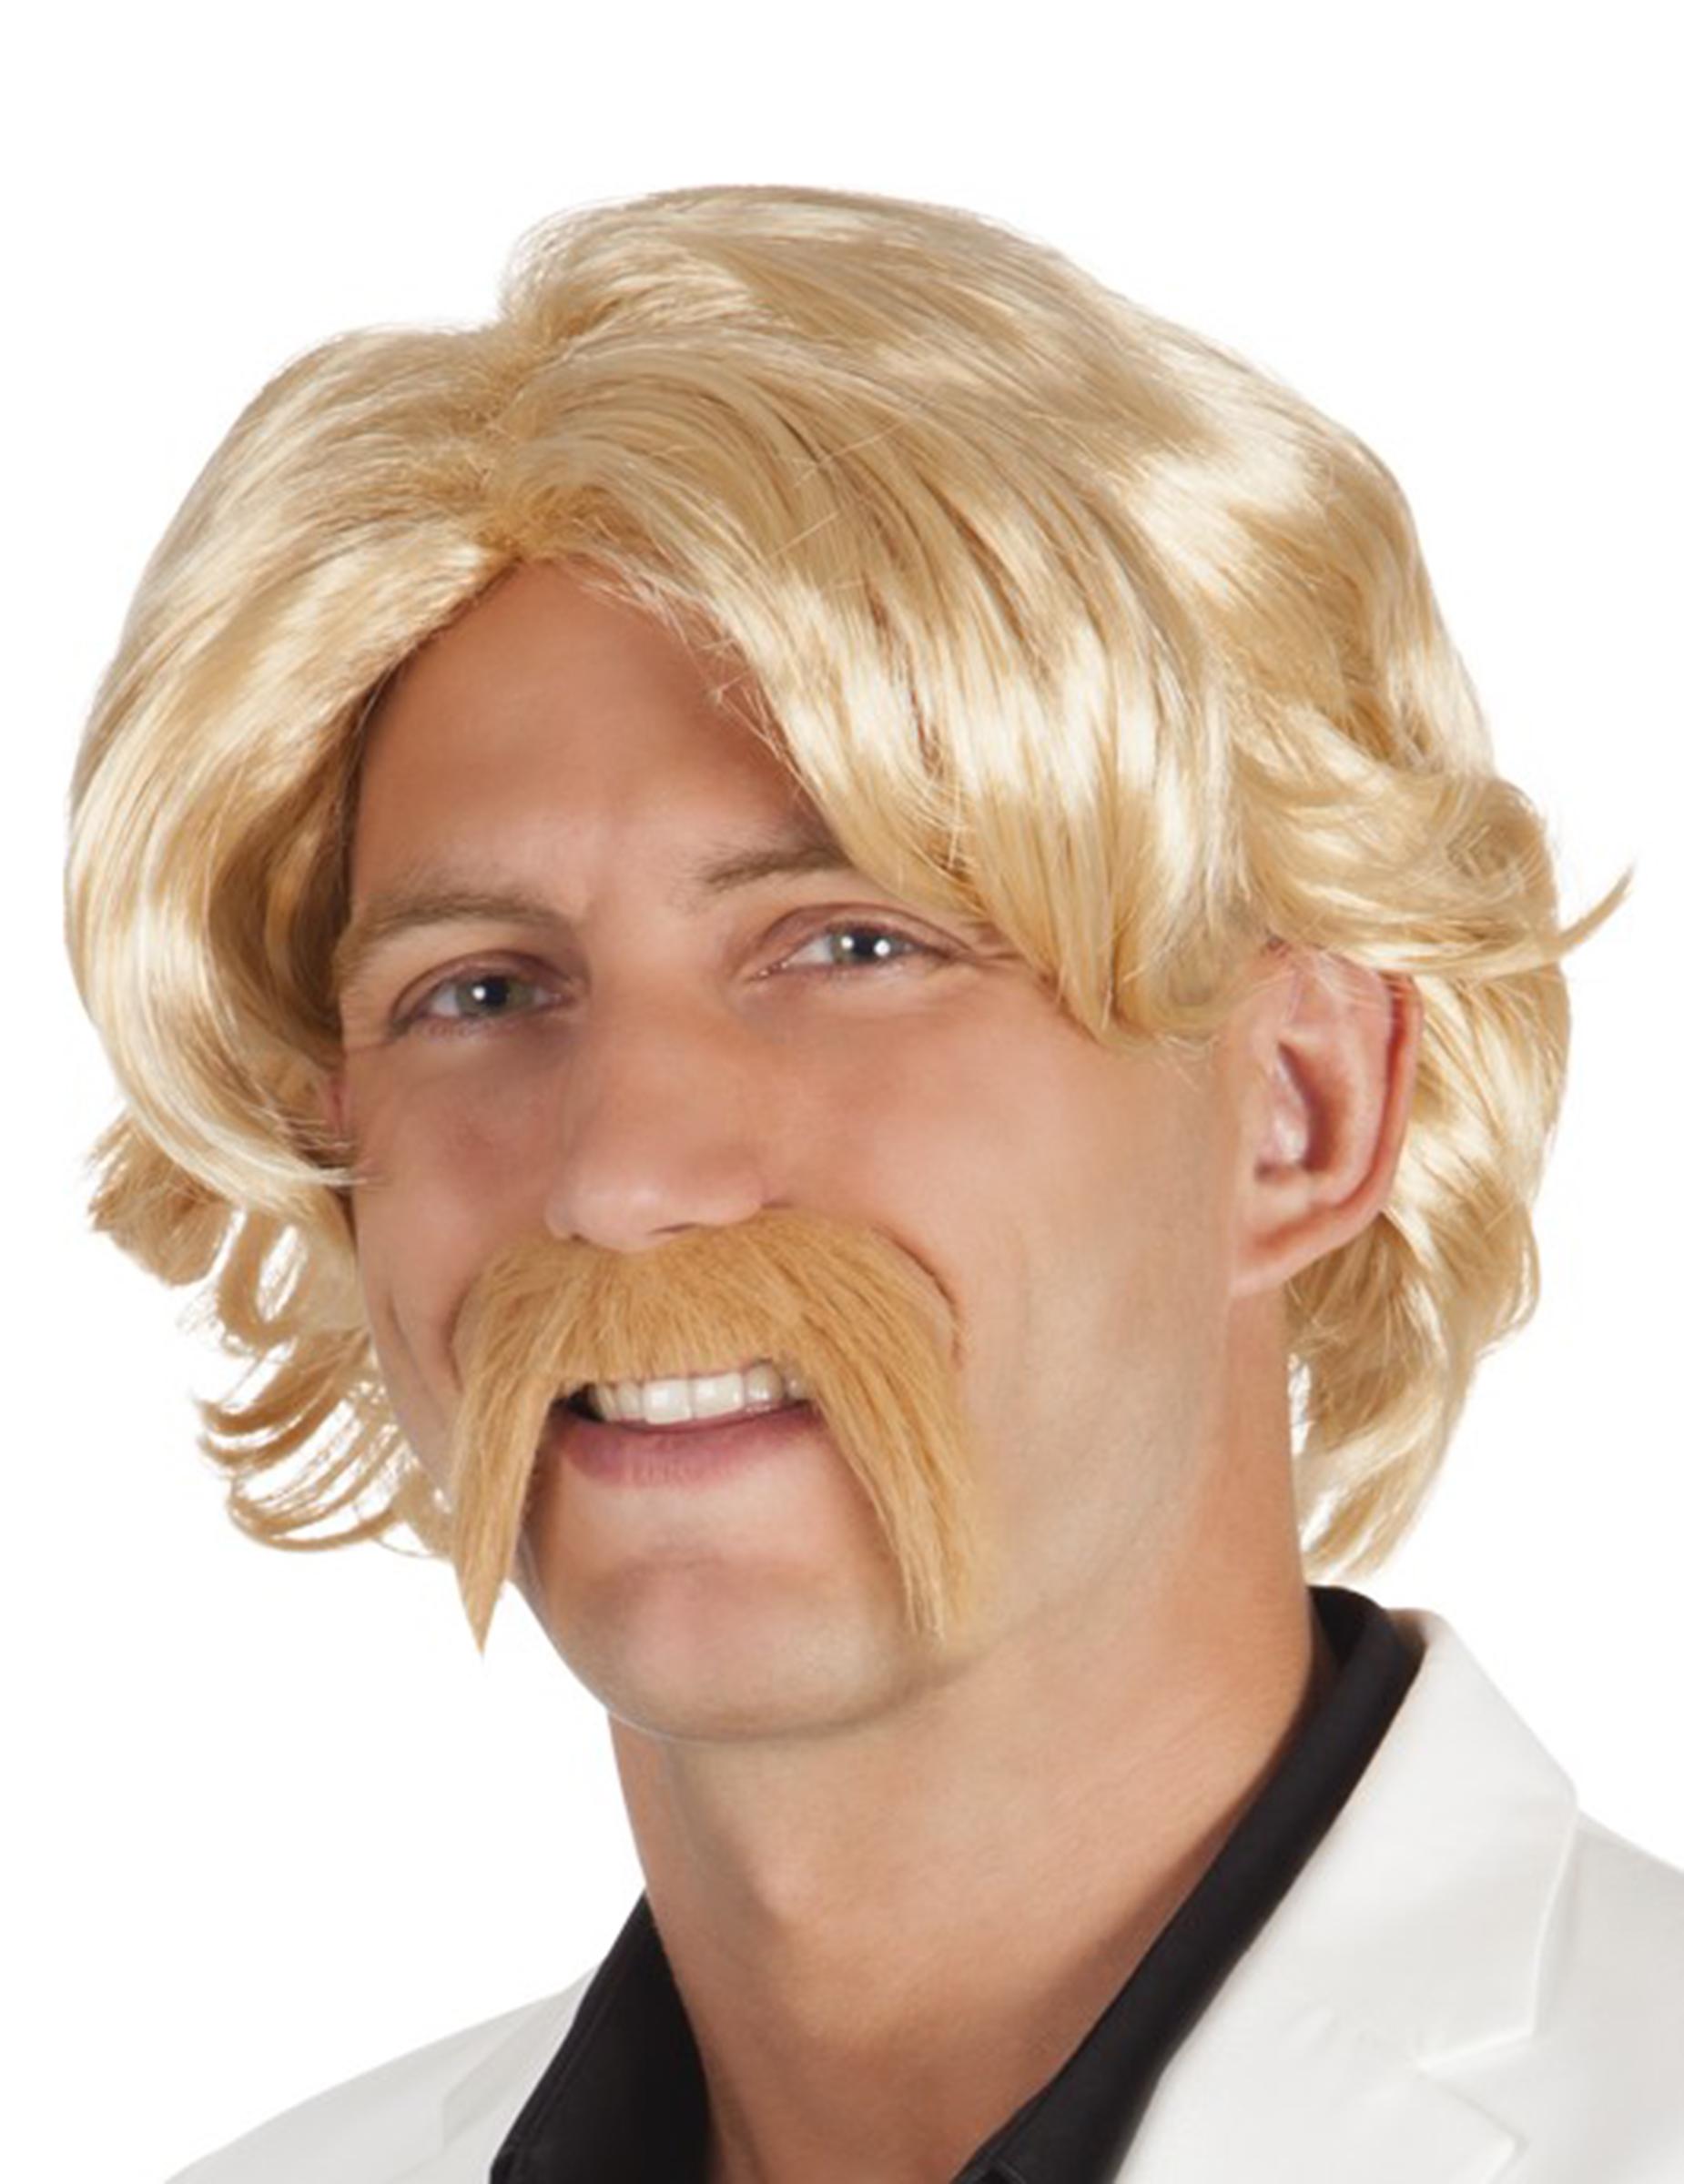 Blonde Perücke mit Bart für Herren 68289